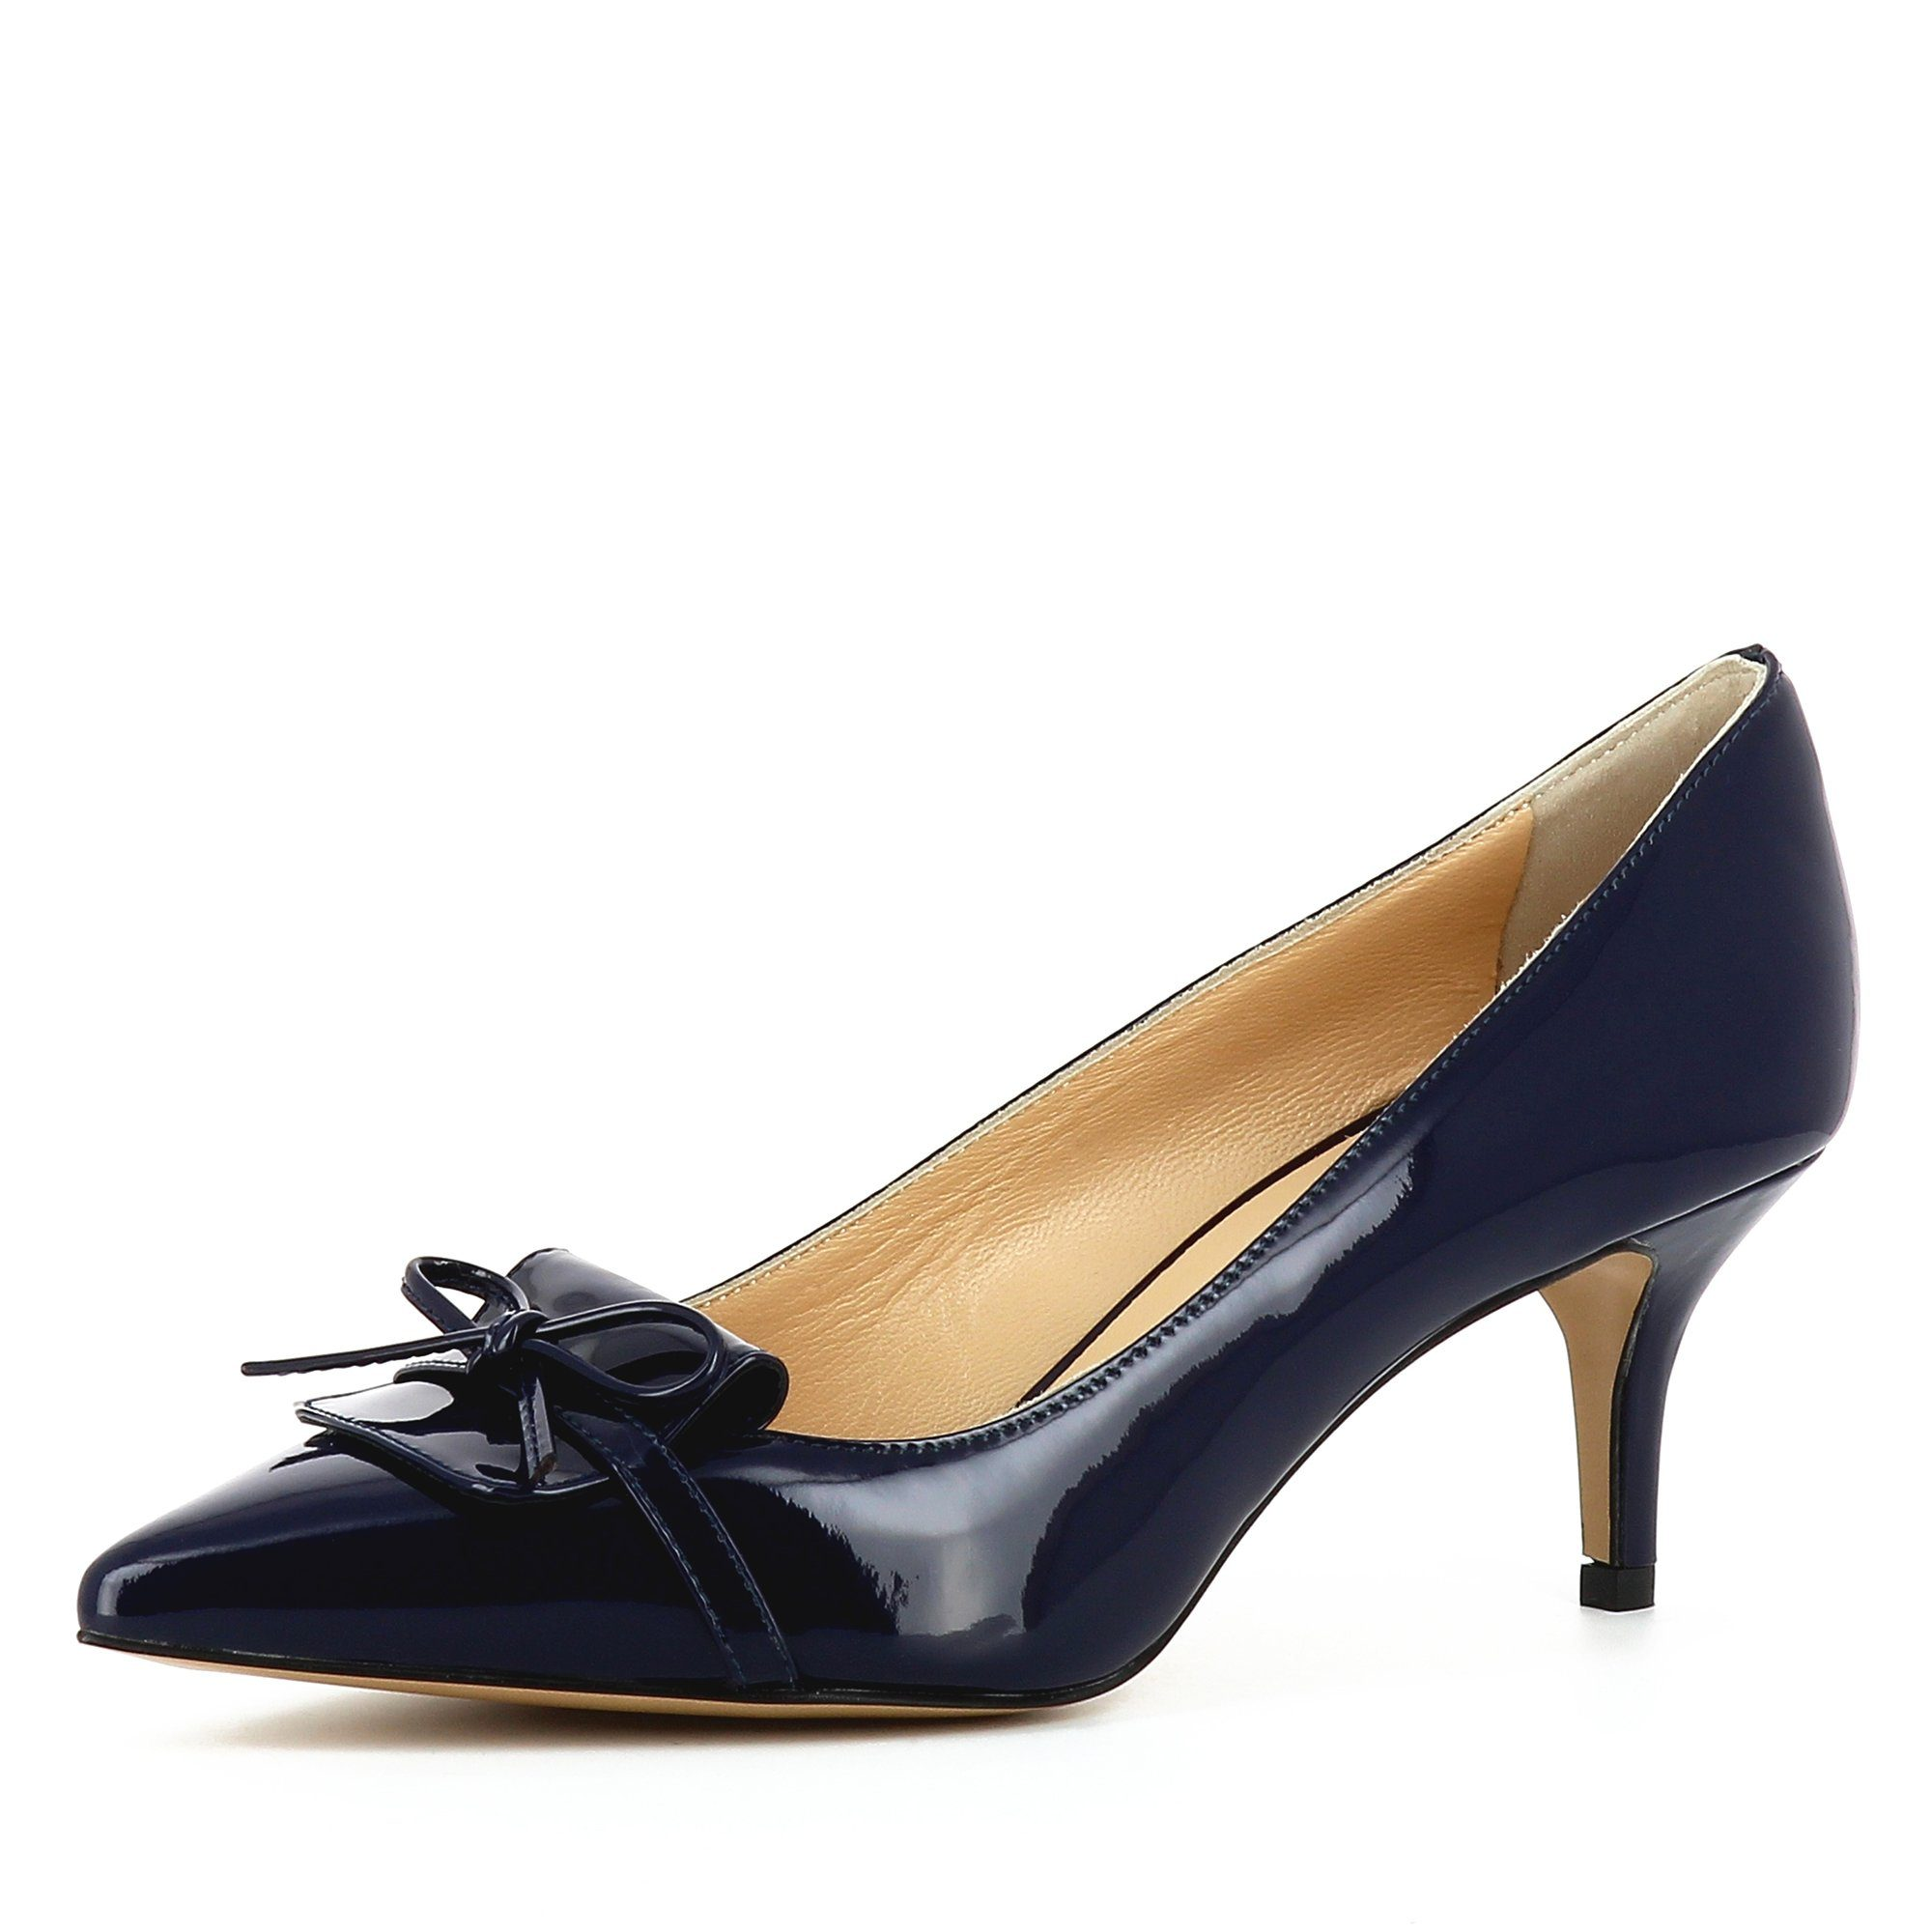 Evita GIULIA Pumps online kaufen  dunkelblau